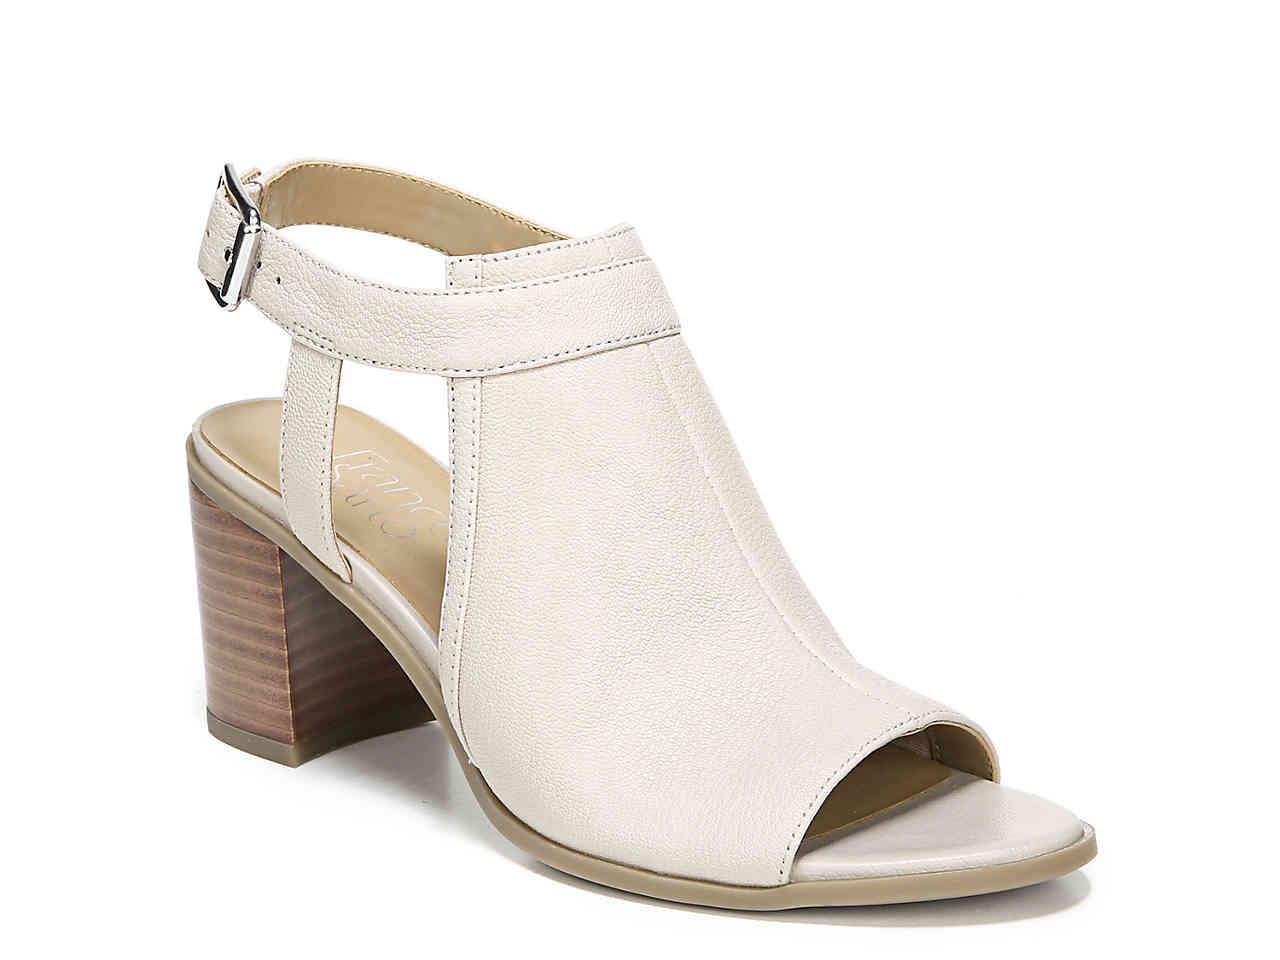 e010dc2b3a895 Lyst - Franco Sarto Harlet Sandal in White